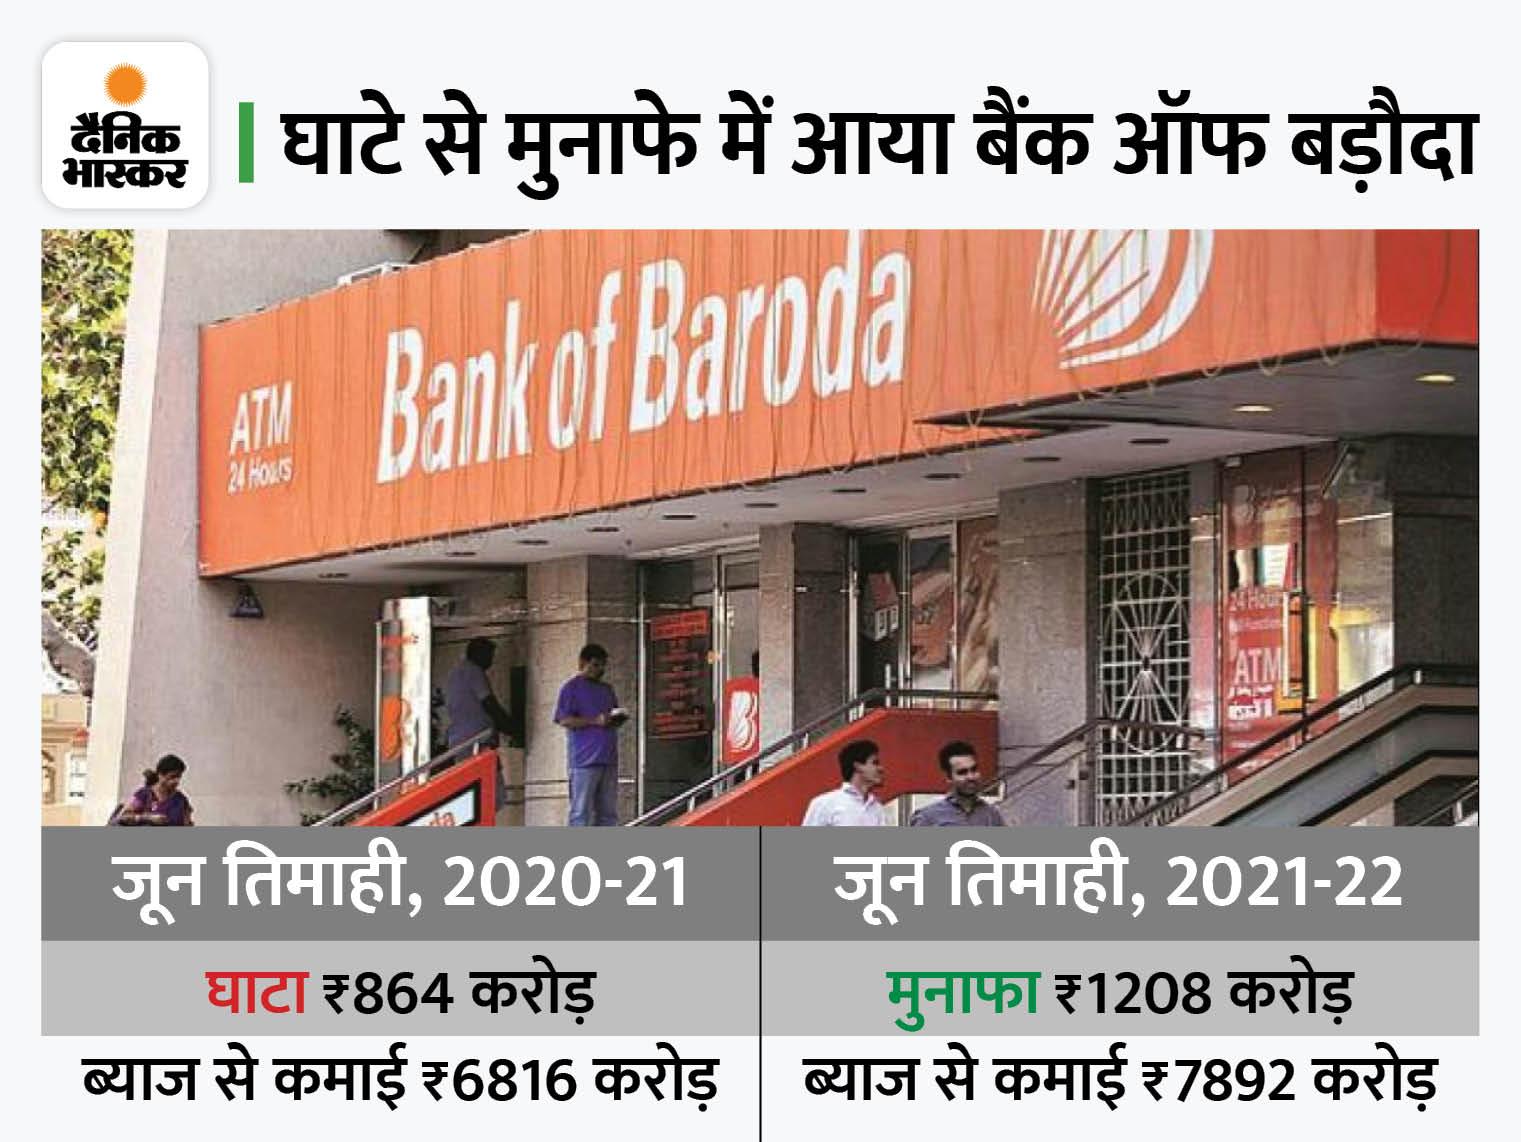 बैंक ऑफ बड़ौदा का बंपर मुनाफा, ब्याज से कमाई 15.7% बढ़ी|बिजनेस,Business - Dainik Bhaskar